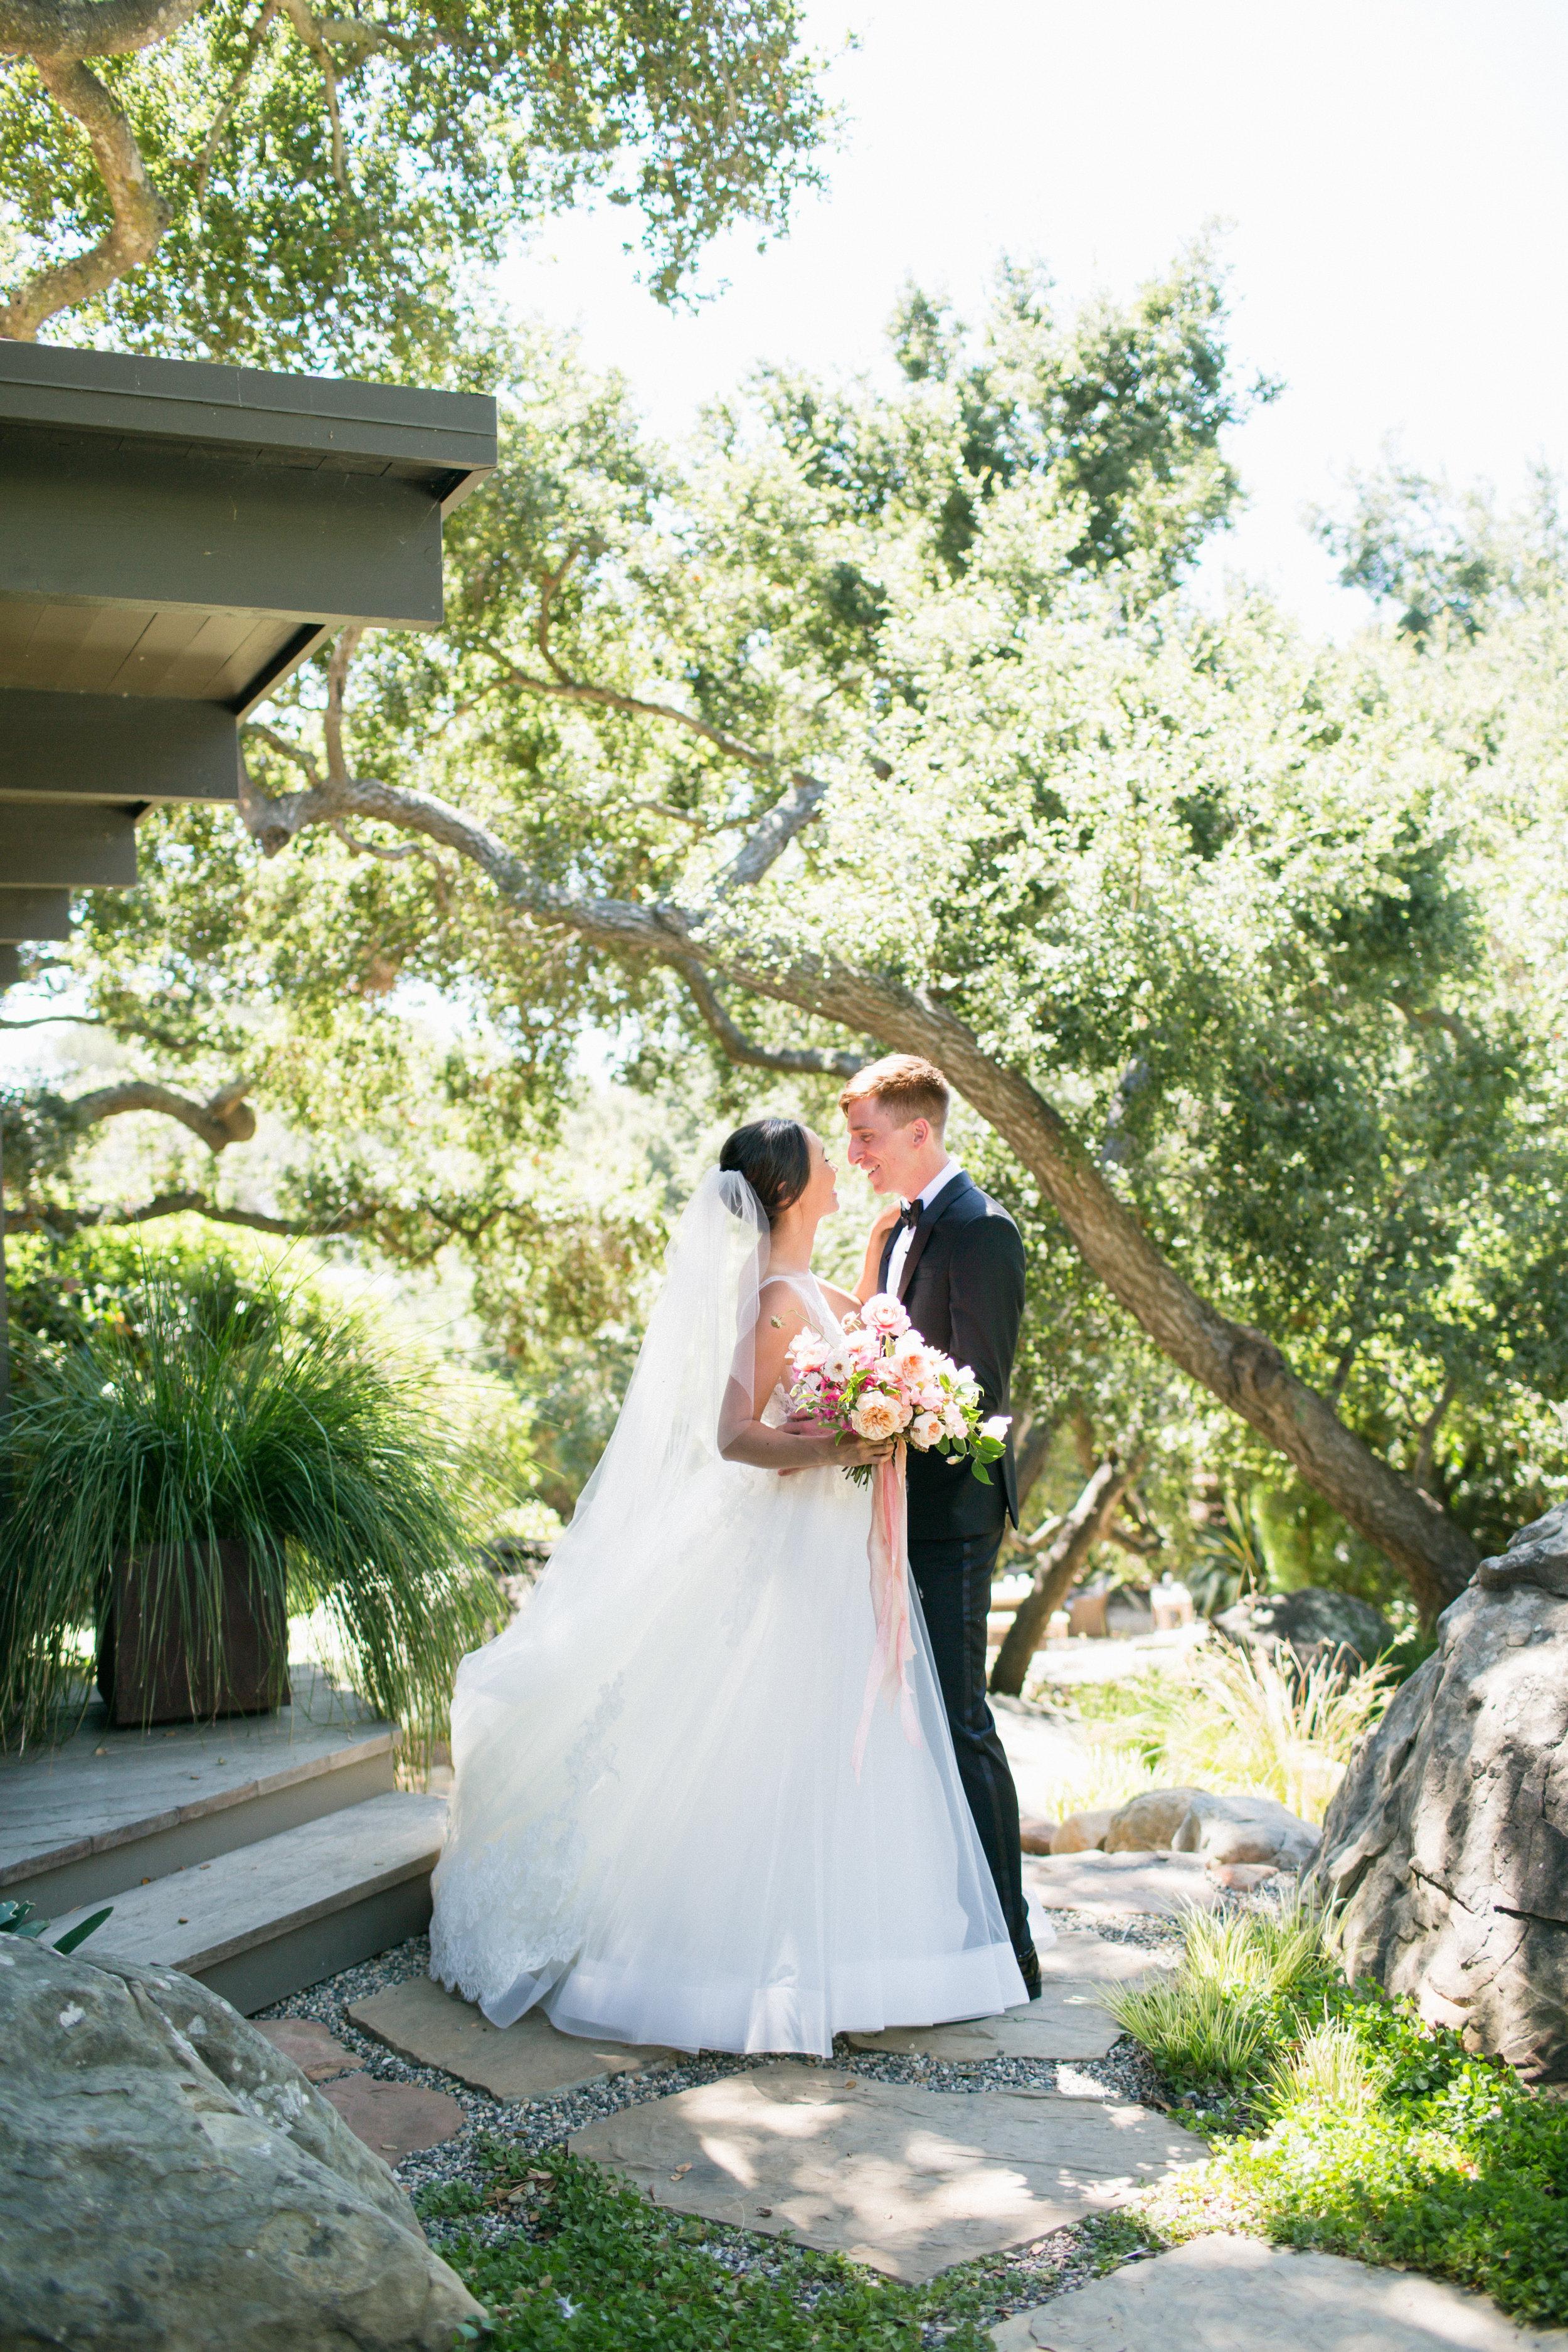 melanie_dylan_wedding_088.JPG